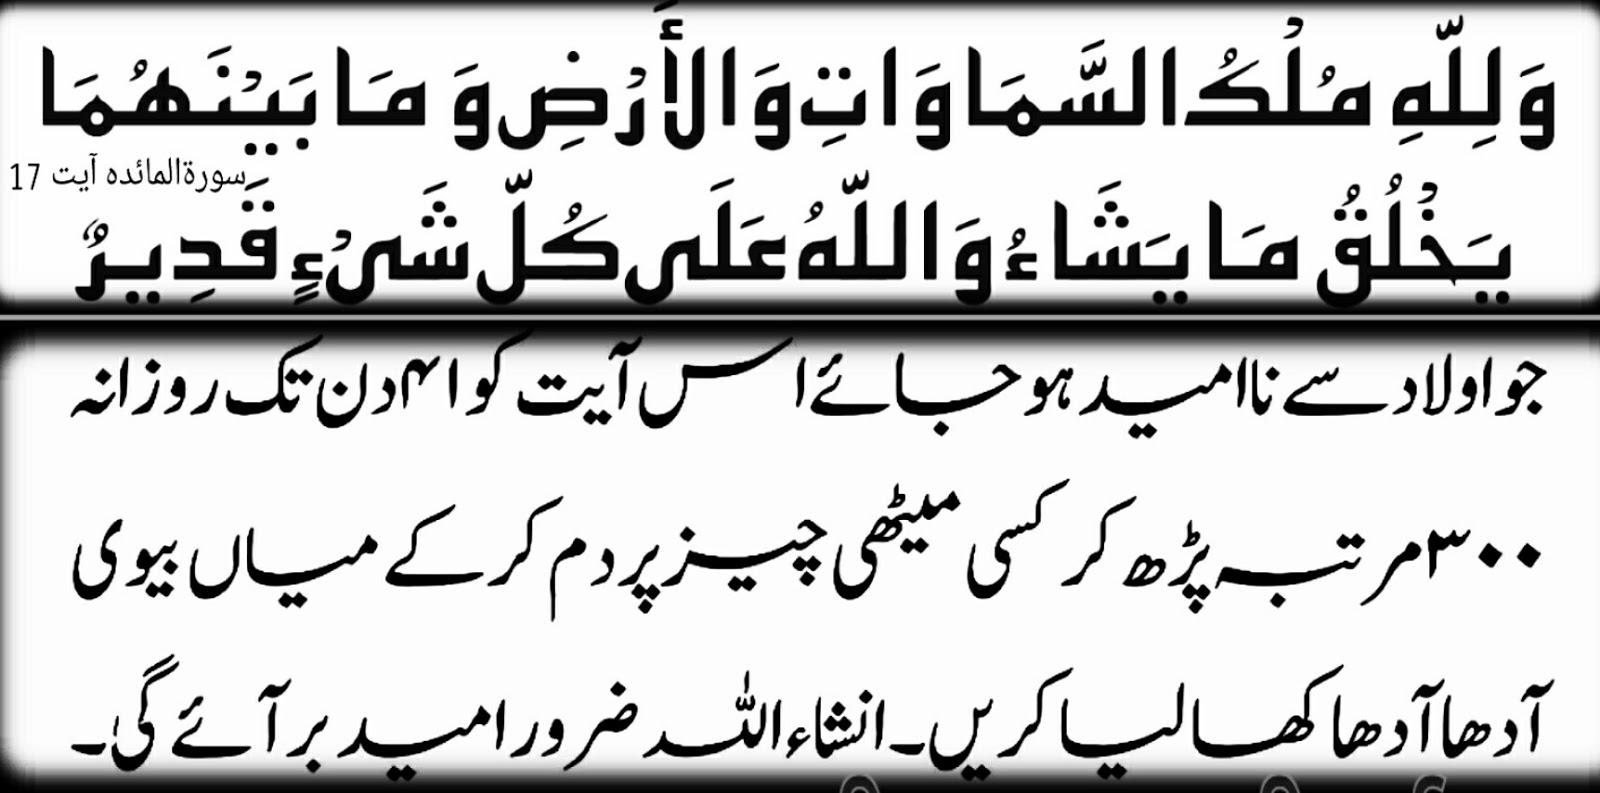 Banjhpan Ka Ilaj In Quraan Be auladi Ya Bimari Ke Ruhani